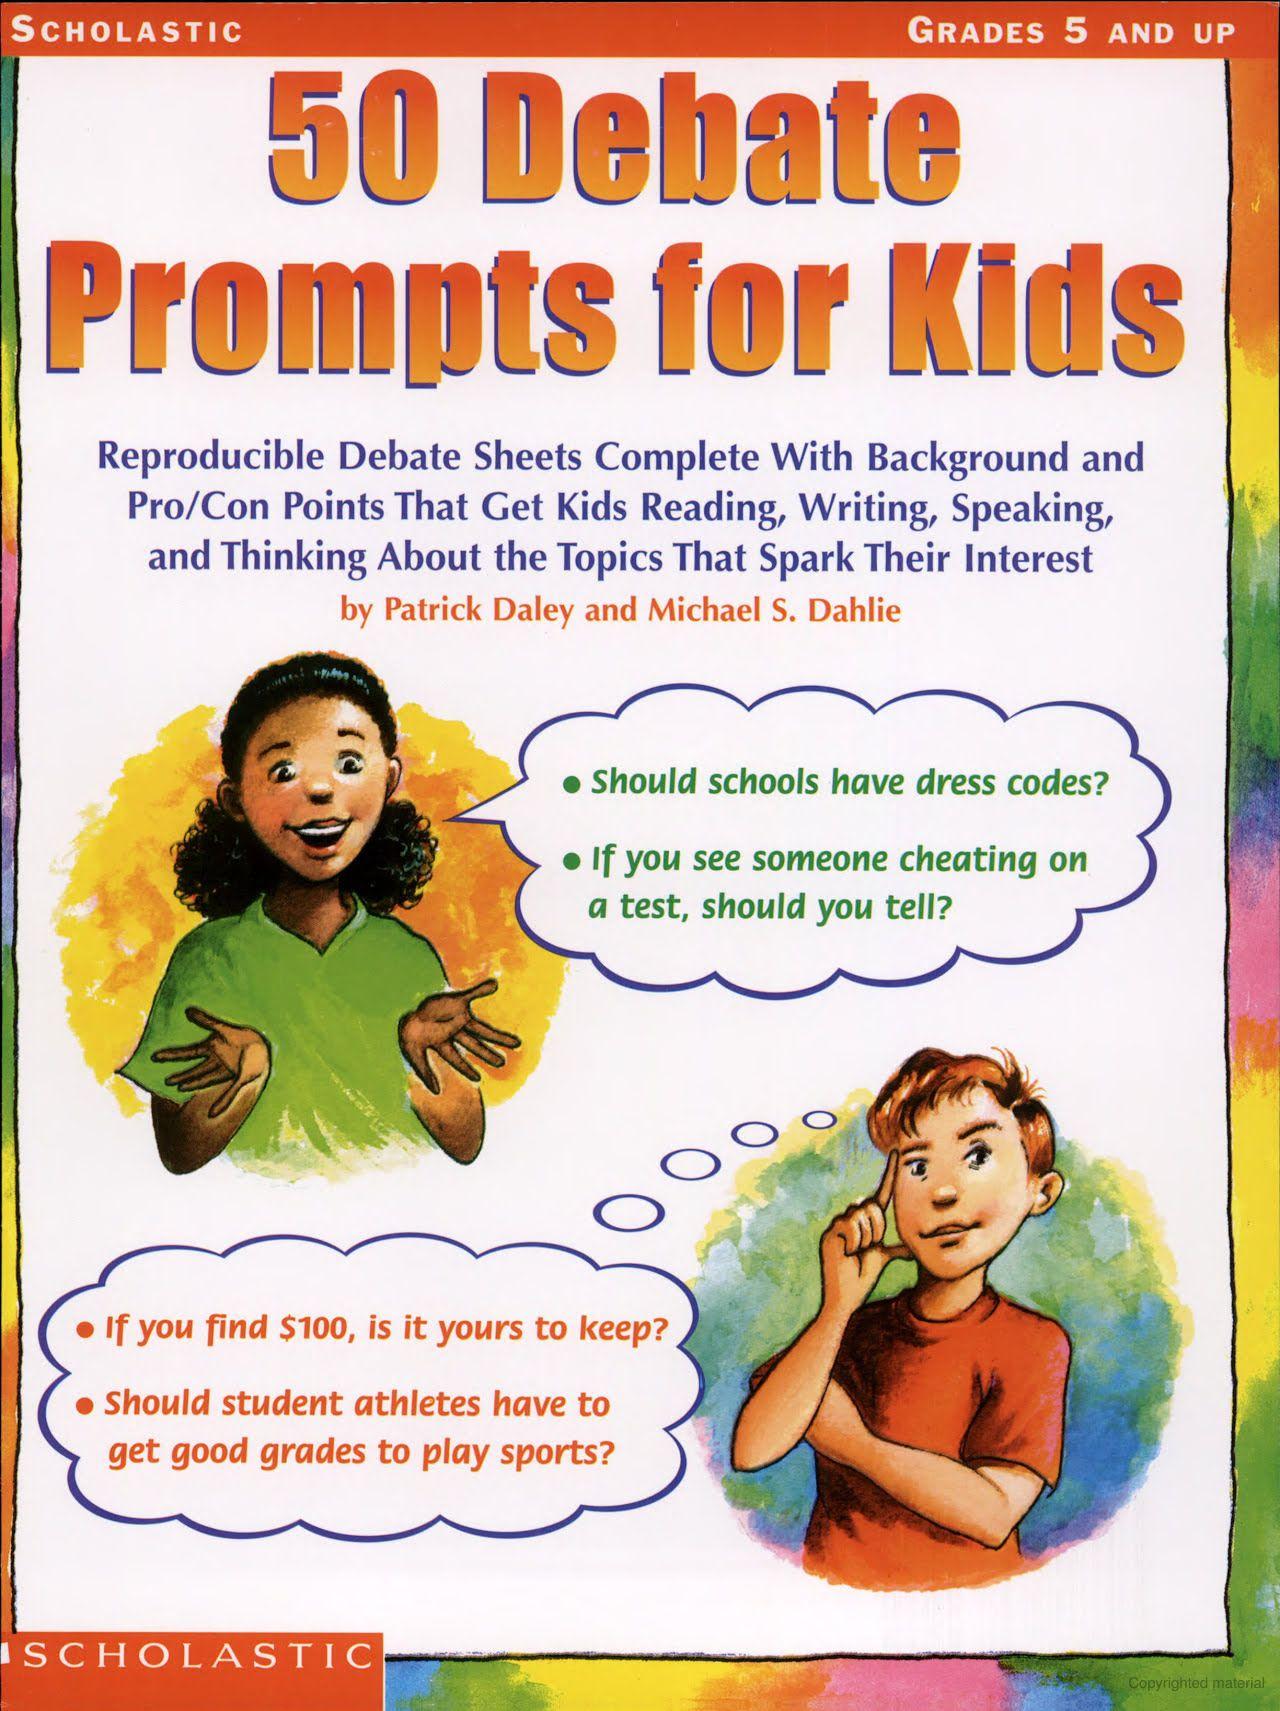 argumentative essay for kids